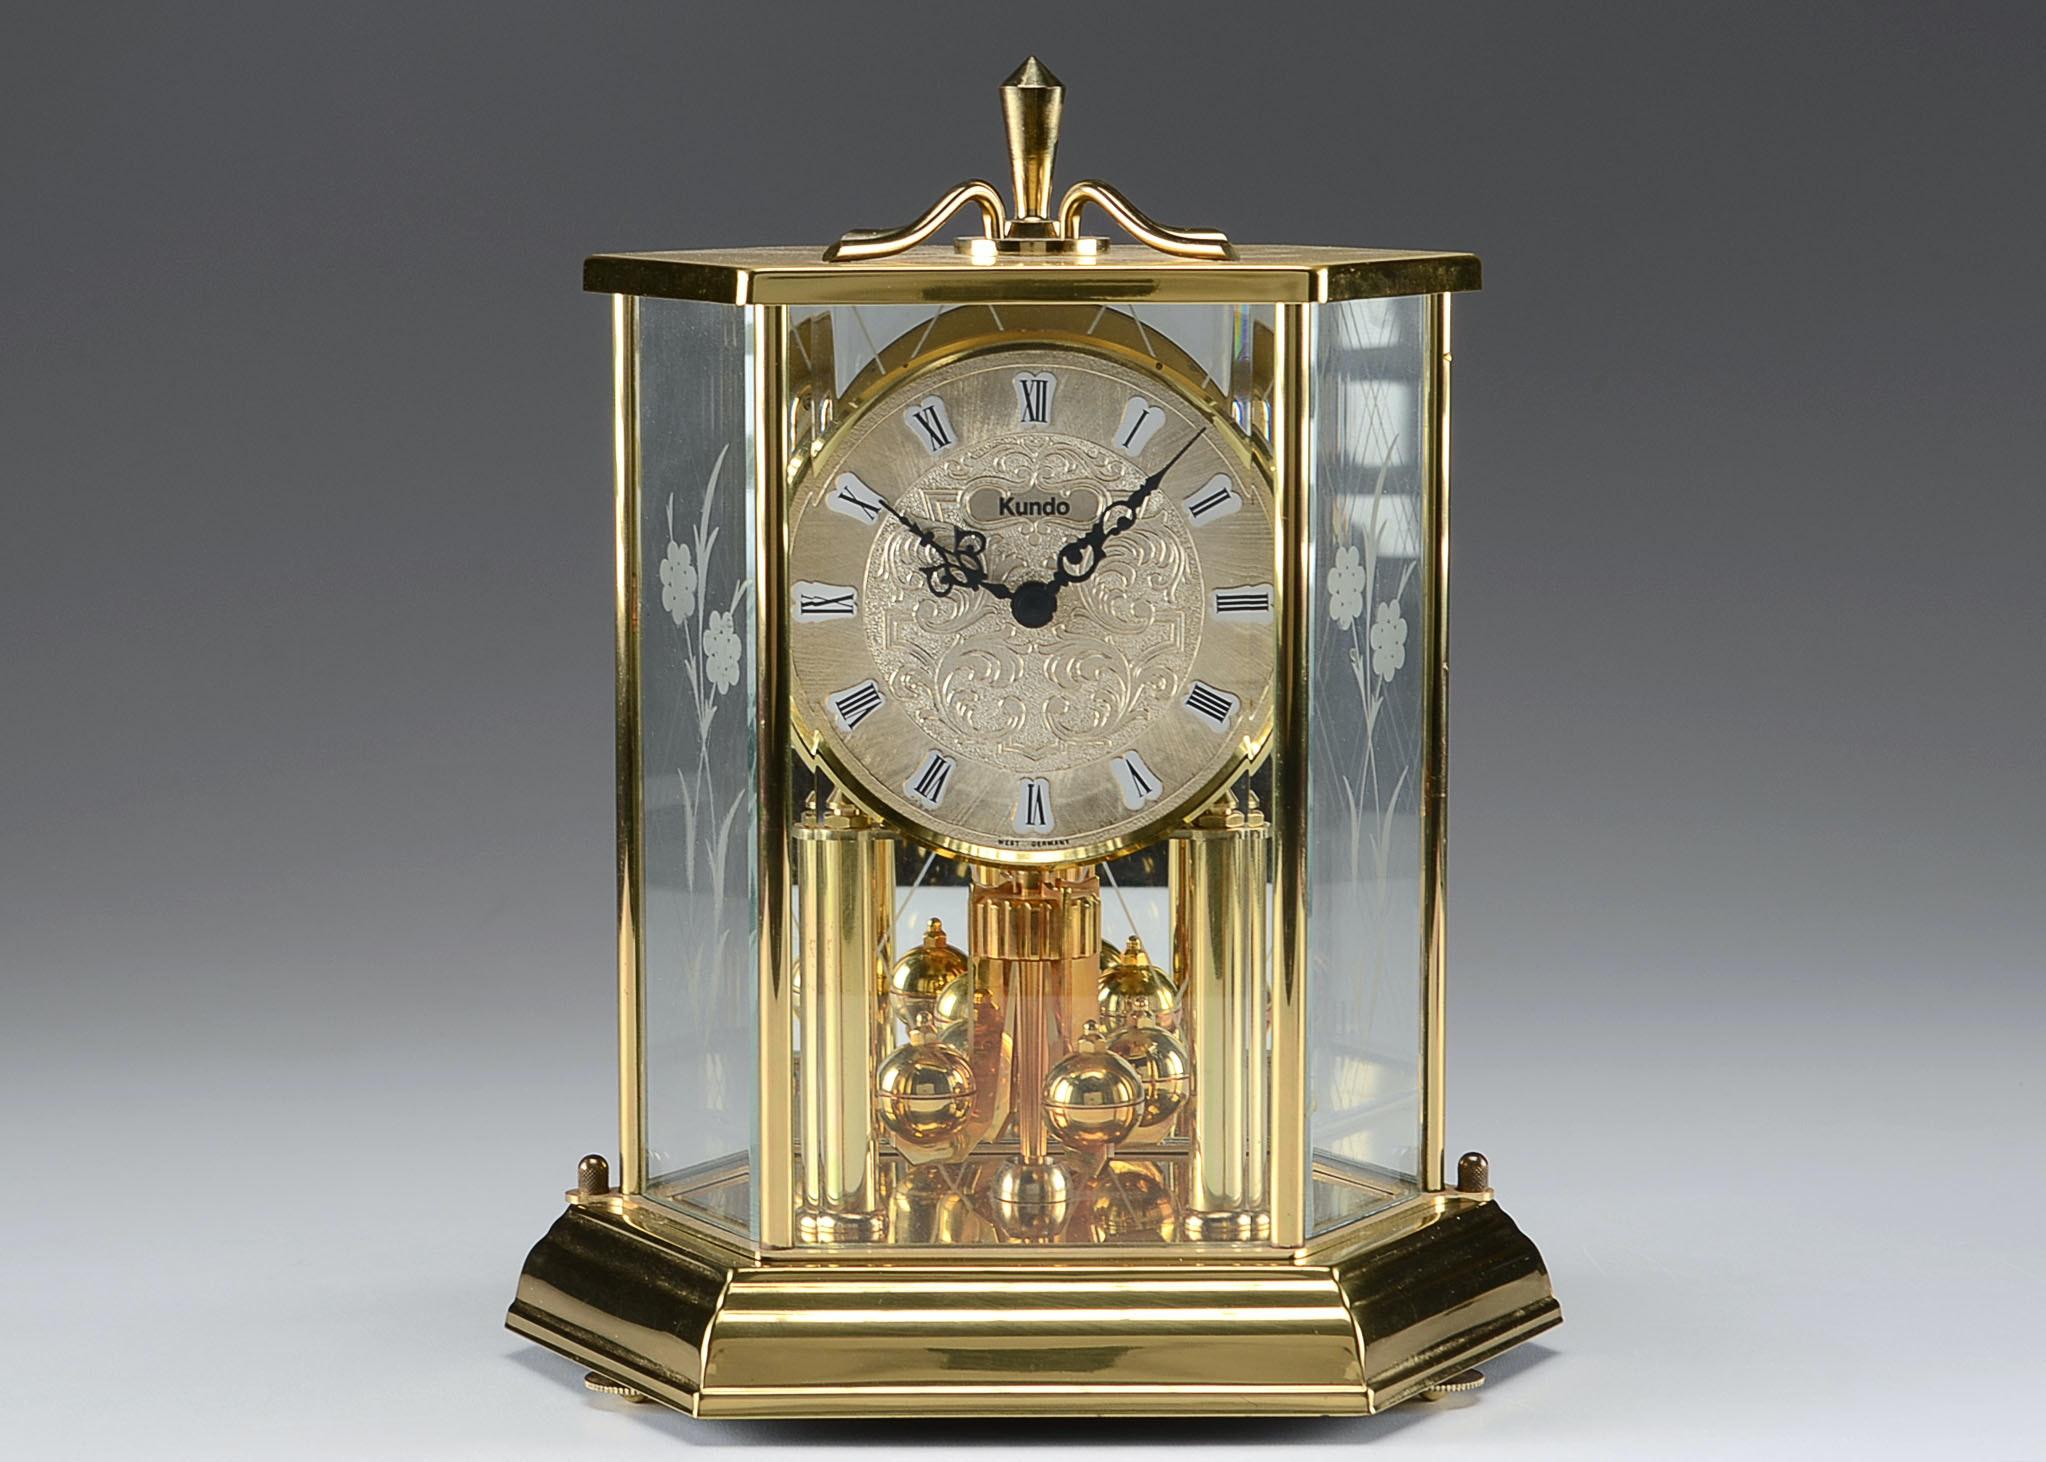 kundo brass anniversary clock - Anniversary Clock